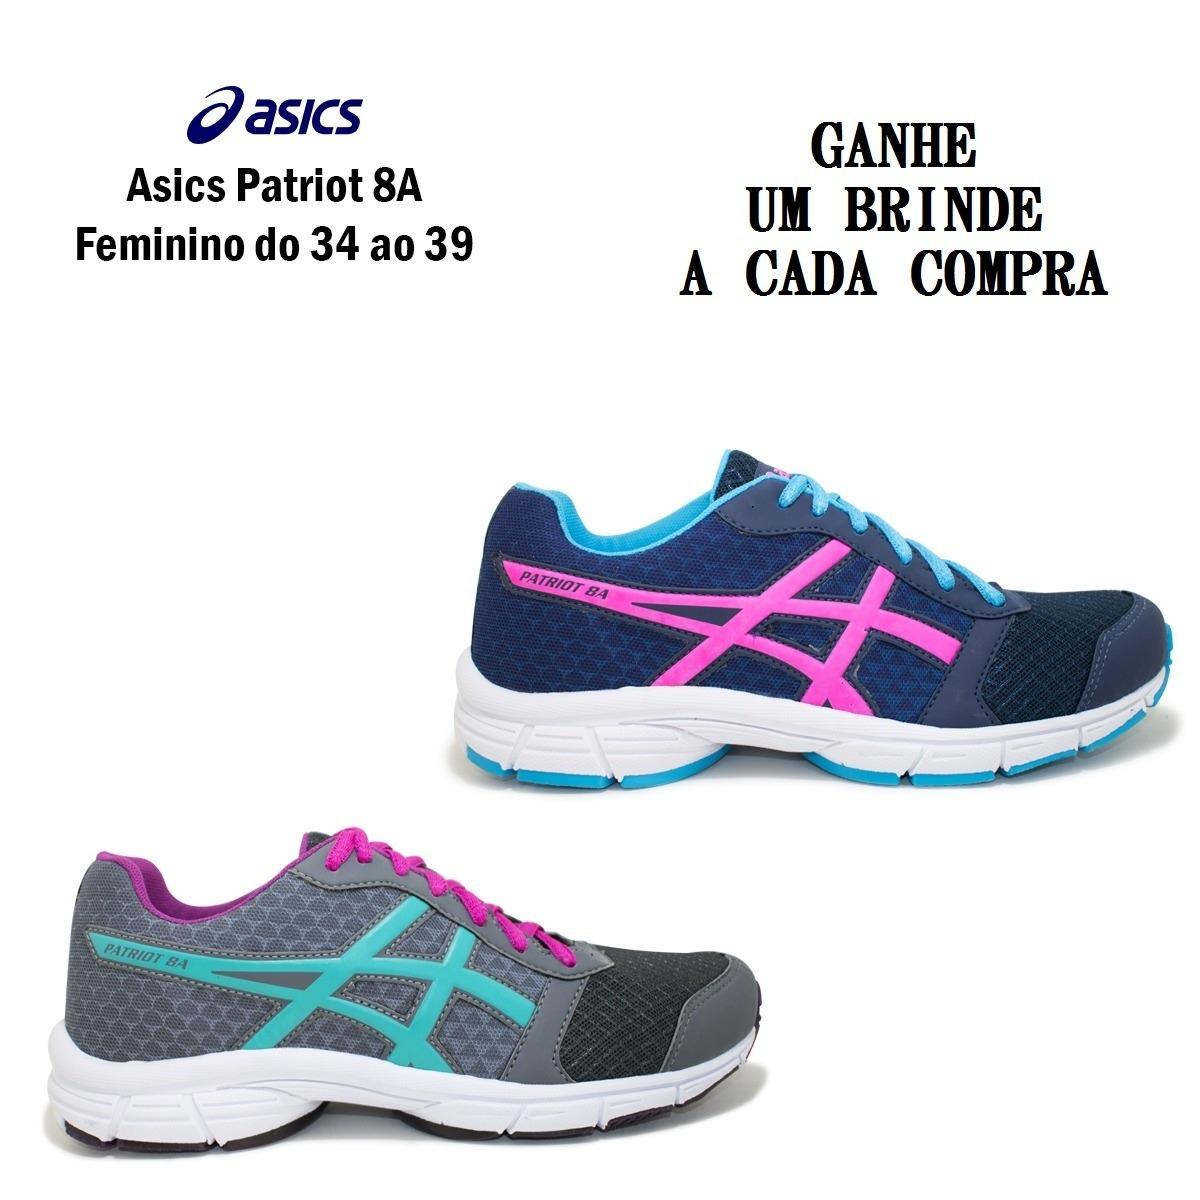 53fa1350df ténis feminino asics patriot 8a promoção. Carregando zoom.